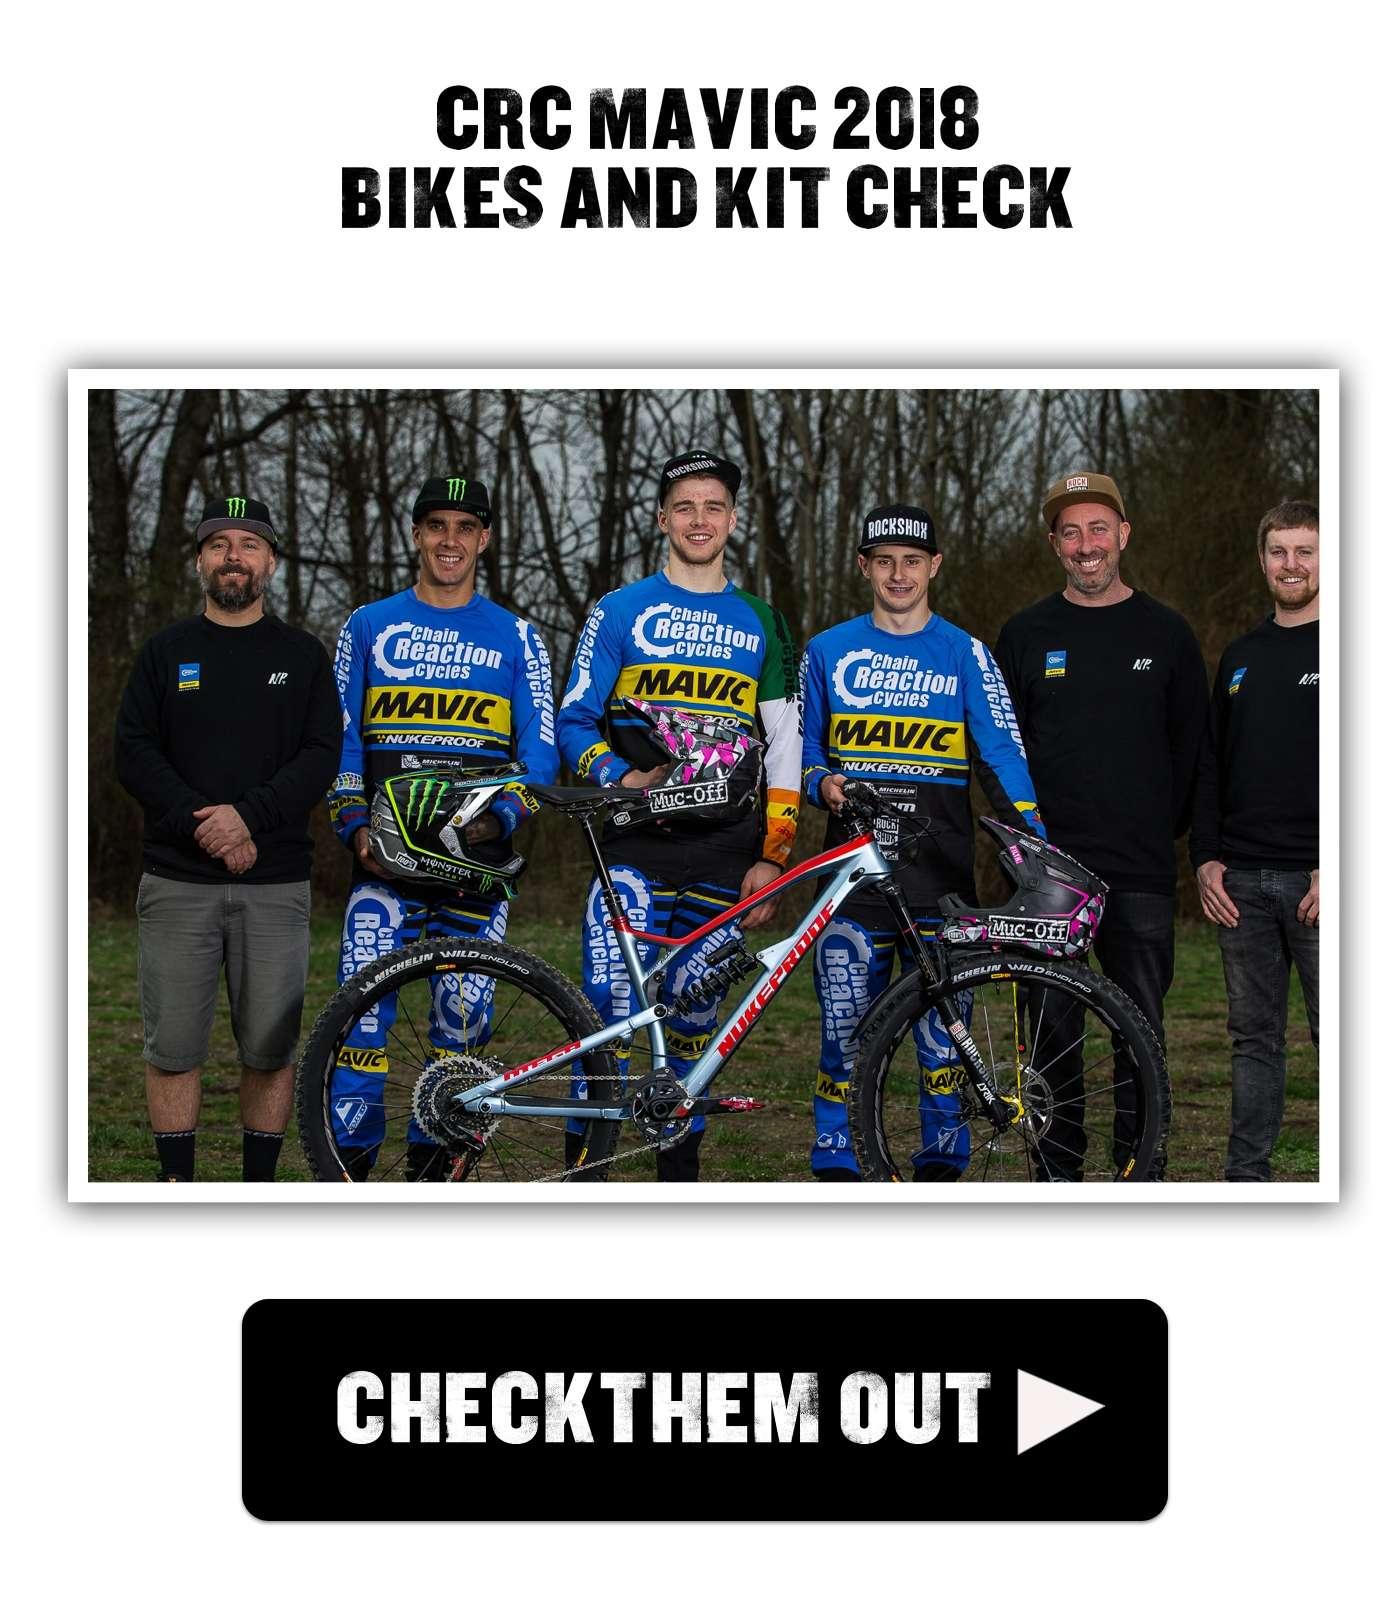 CRC Mavic 2018 bikes and kit check